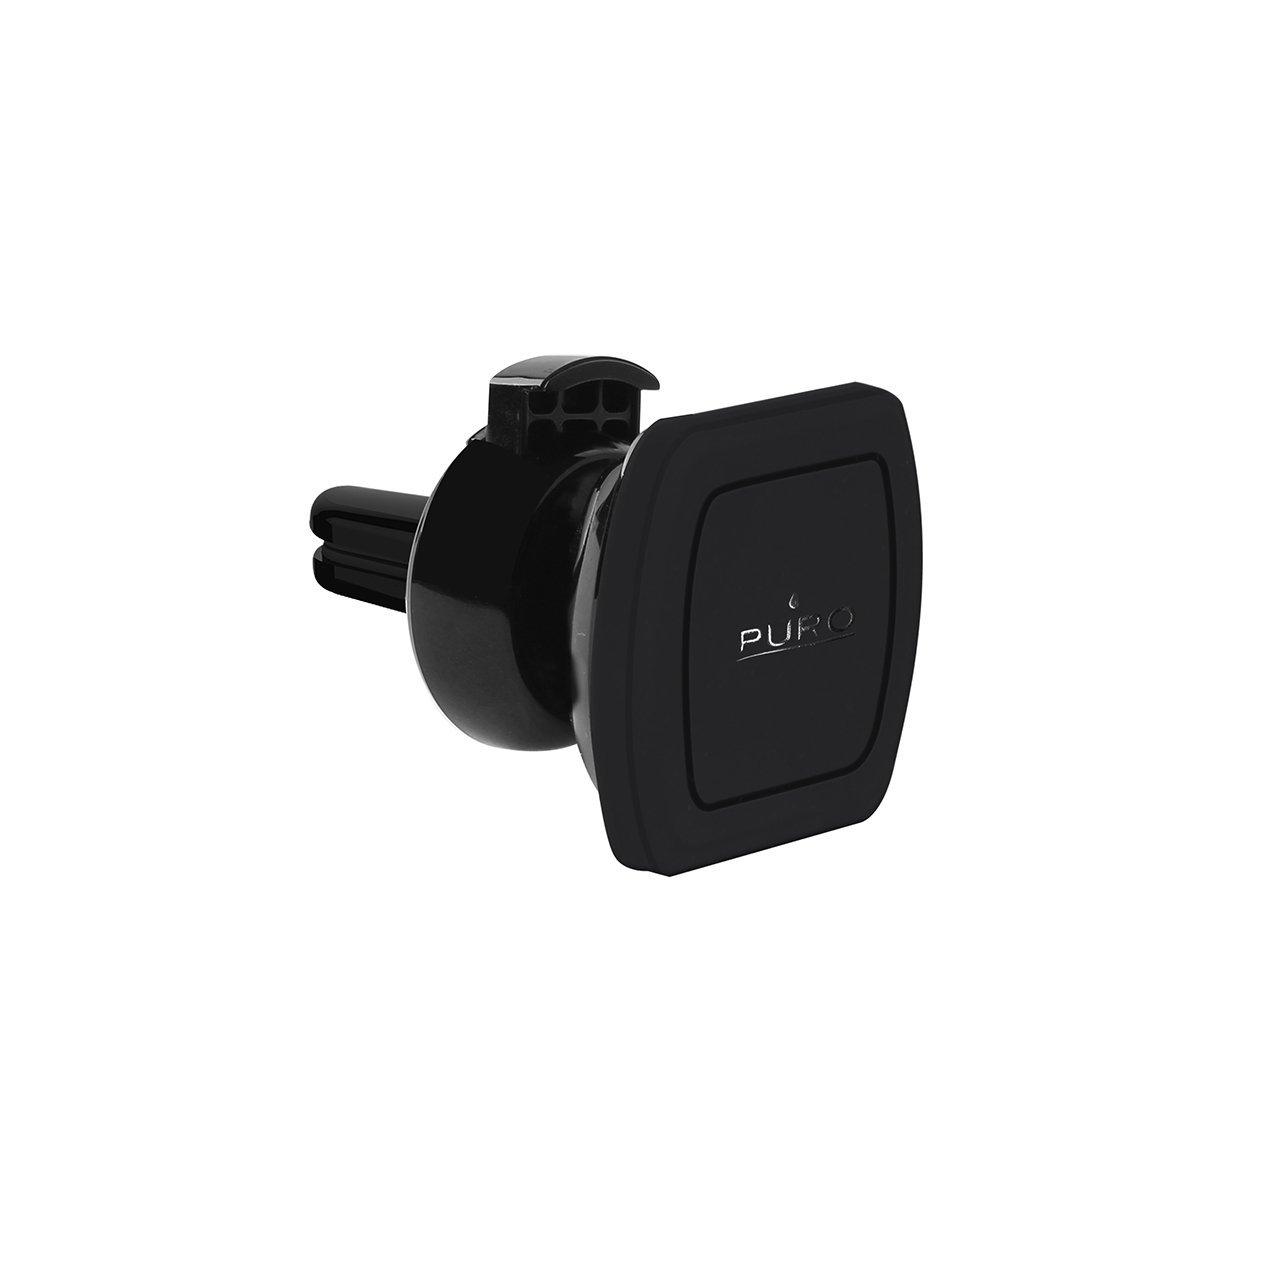 SH7BLK-supporto-universale-auto-per-smartphone